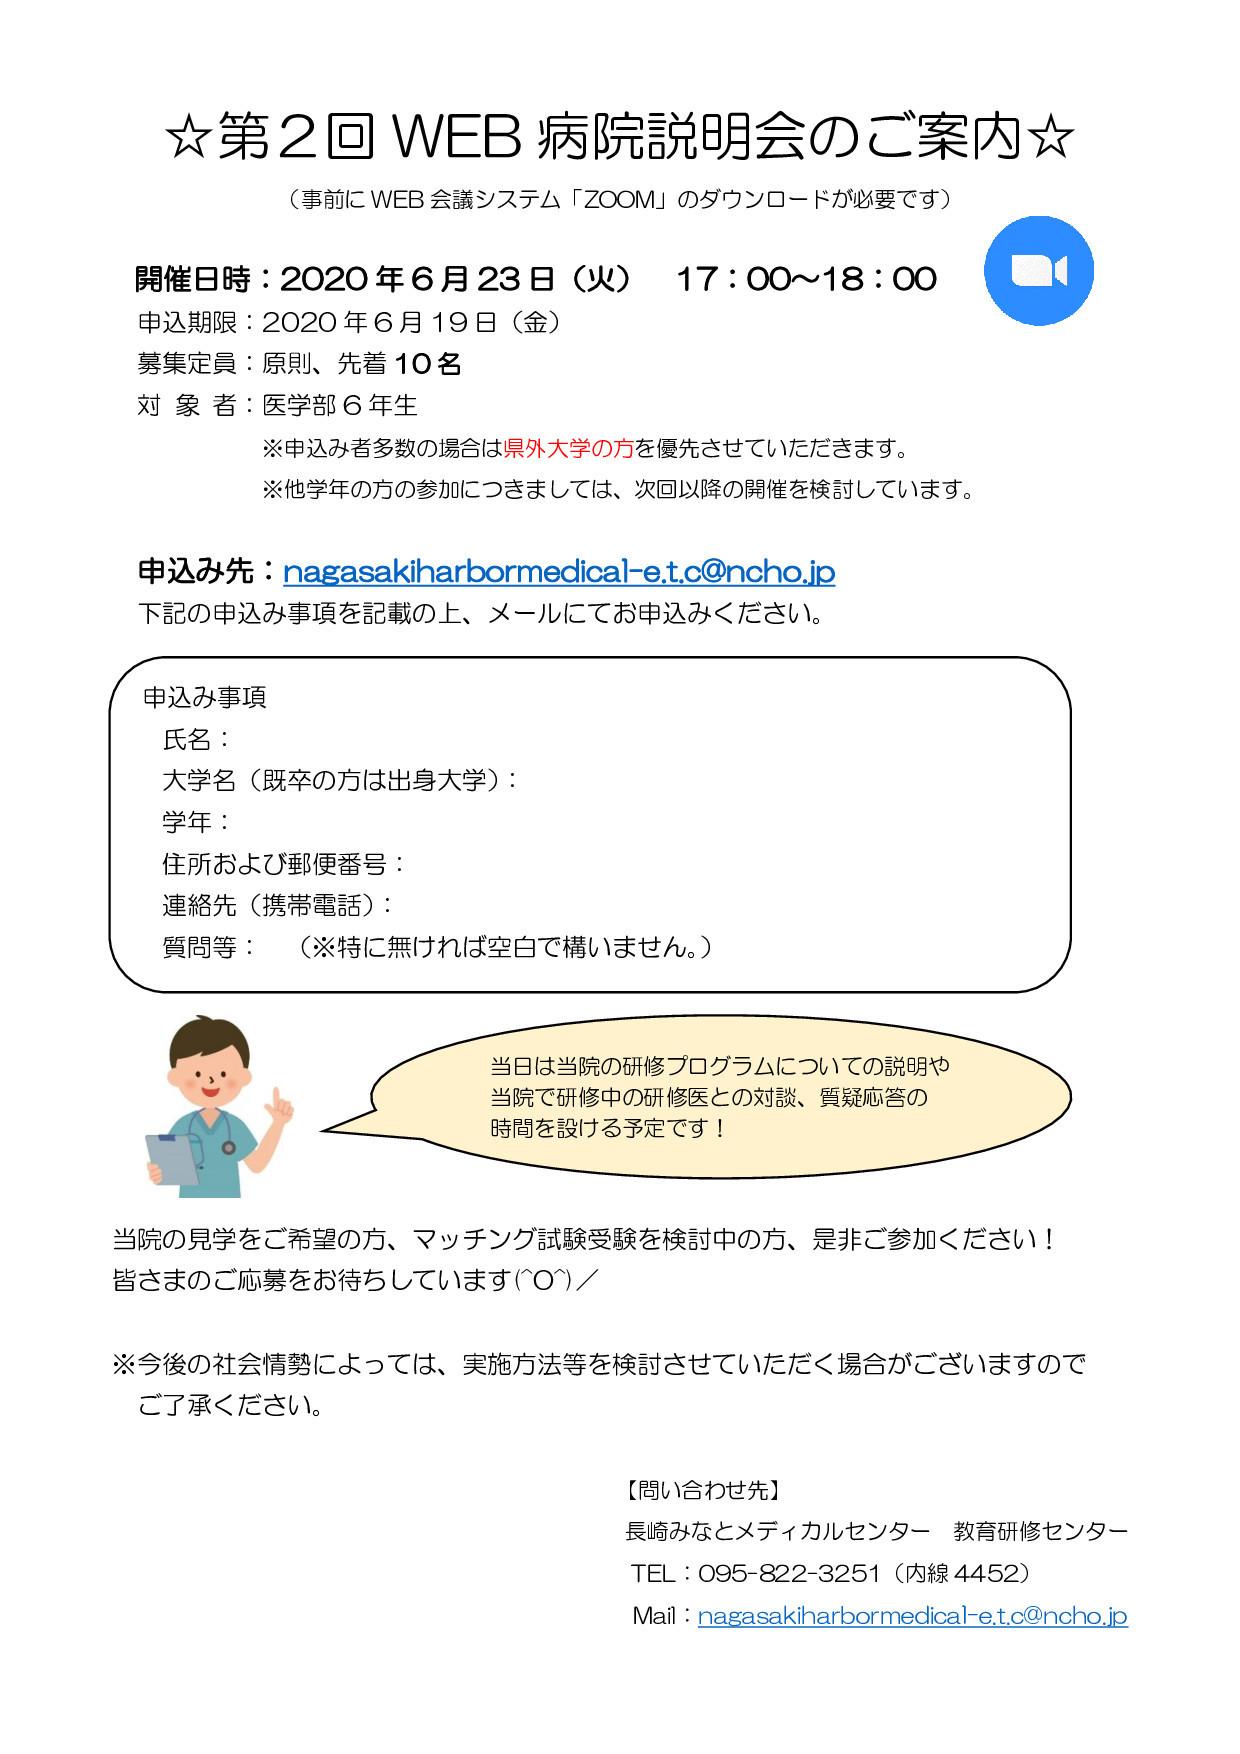 6/23(火)17:00~ 第2回WEB病院説明会を開催いたします!_a0392969_13185814.jpg